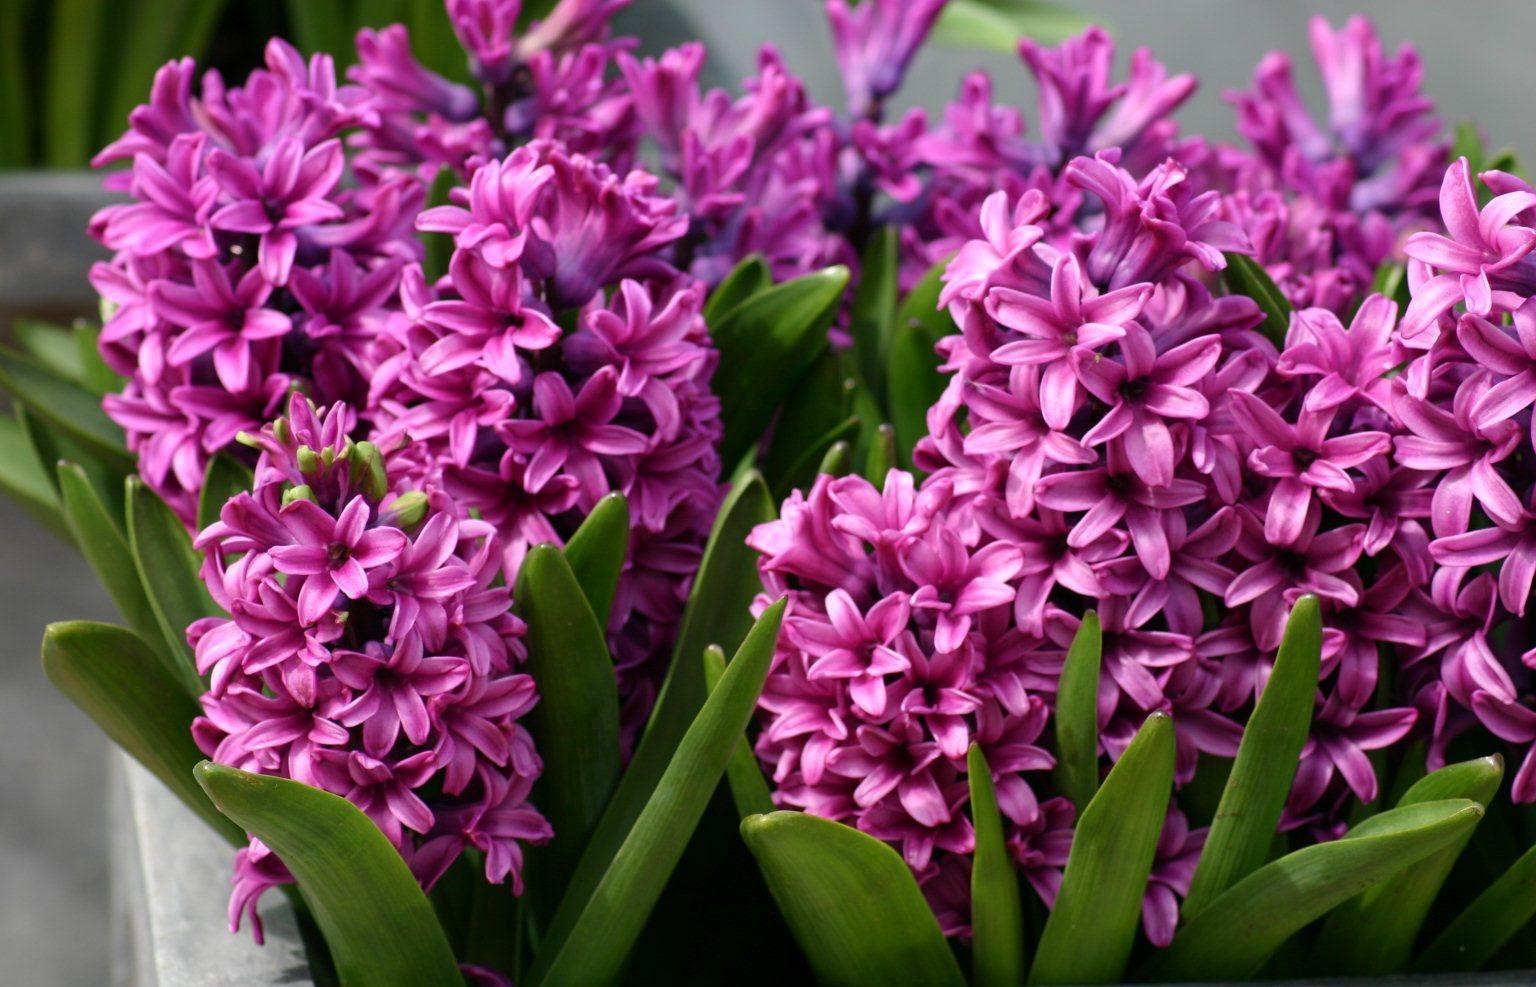 Описание и фото цветов гиацинт